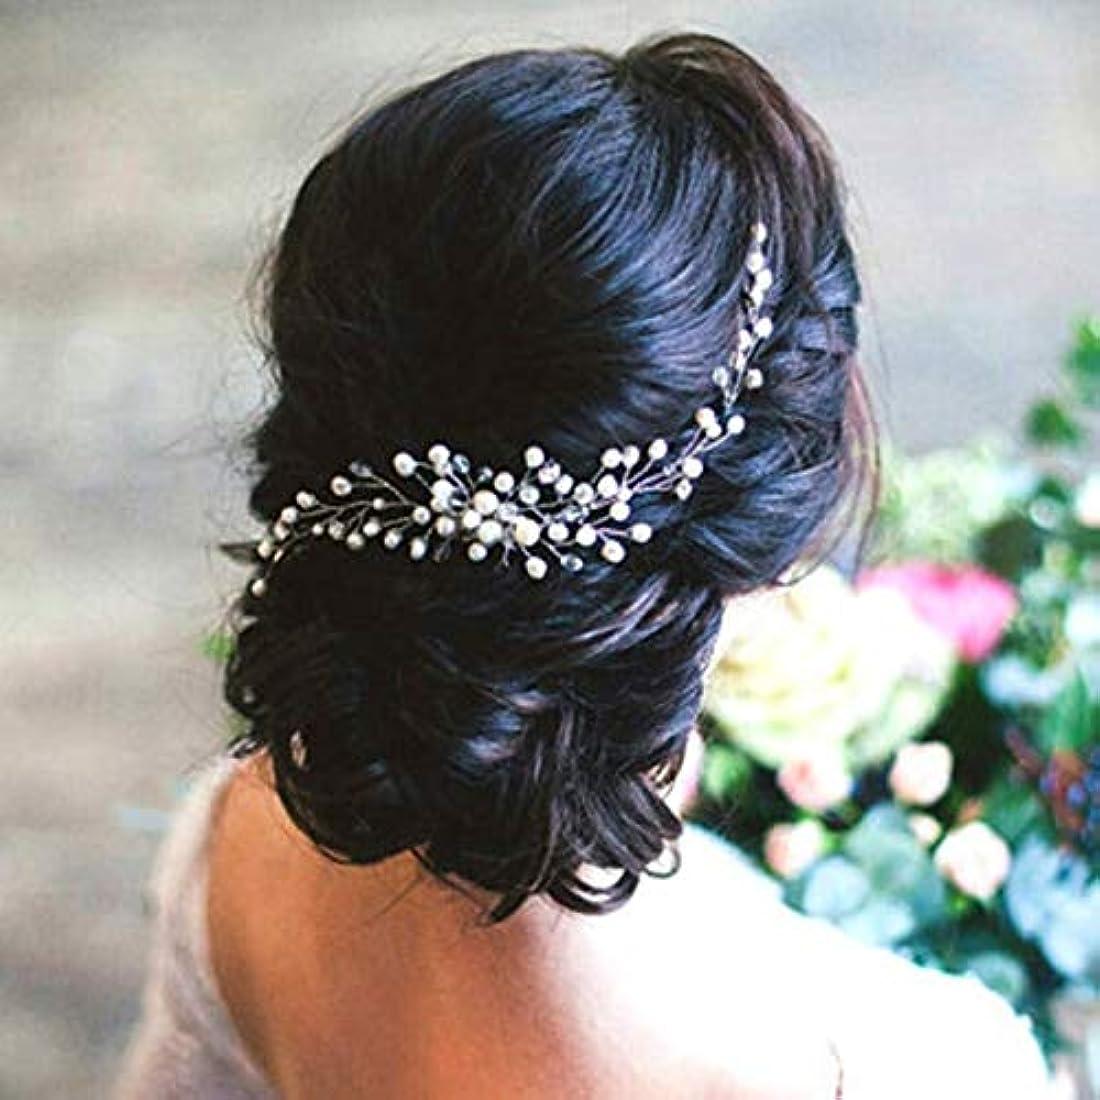 大声で階落ち着いたHairpinheair YHMブライダルヘア飾りファッションヘアウェアウェディングヘアアクセサリーコームヘッドピースヘッドドレスヘッド装飾ピン